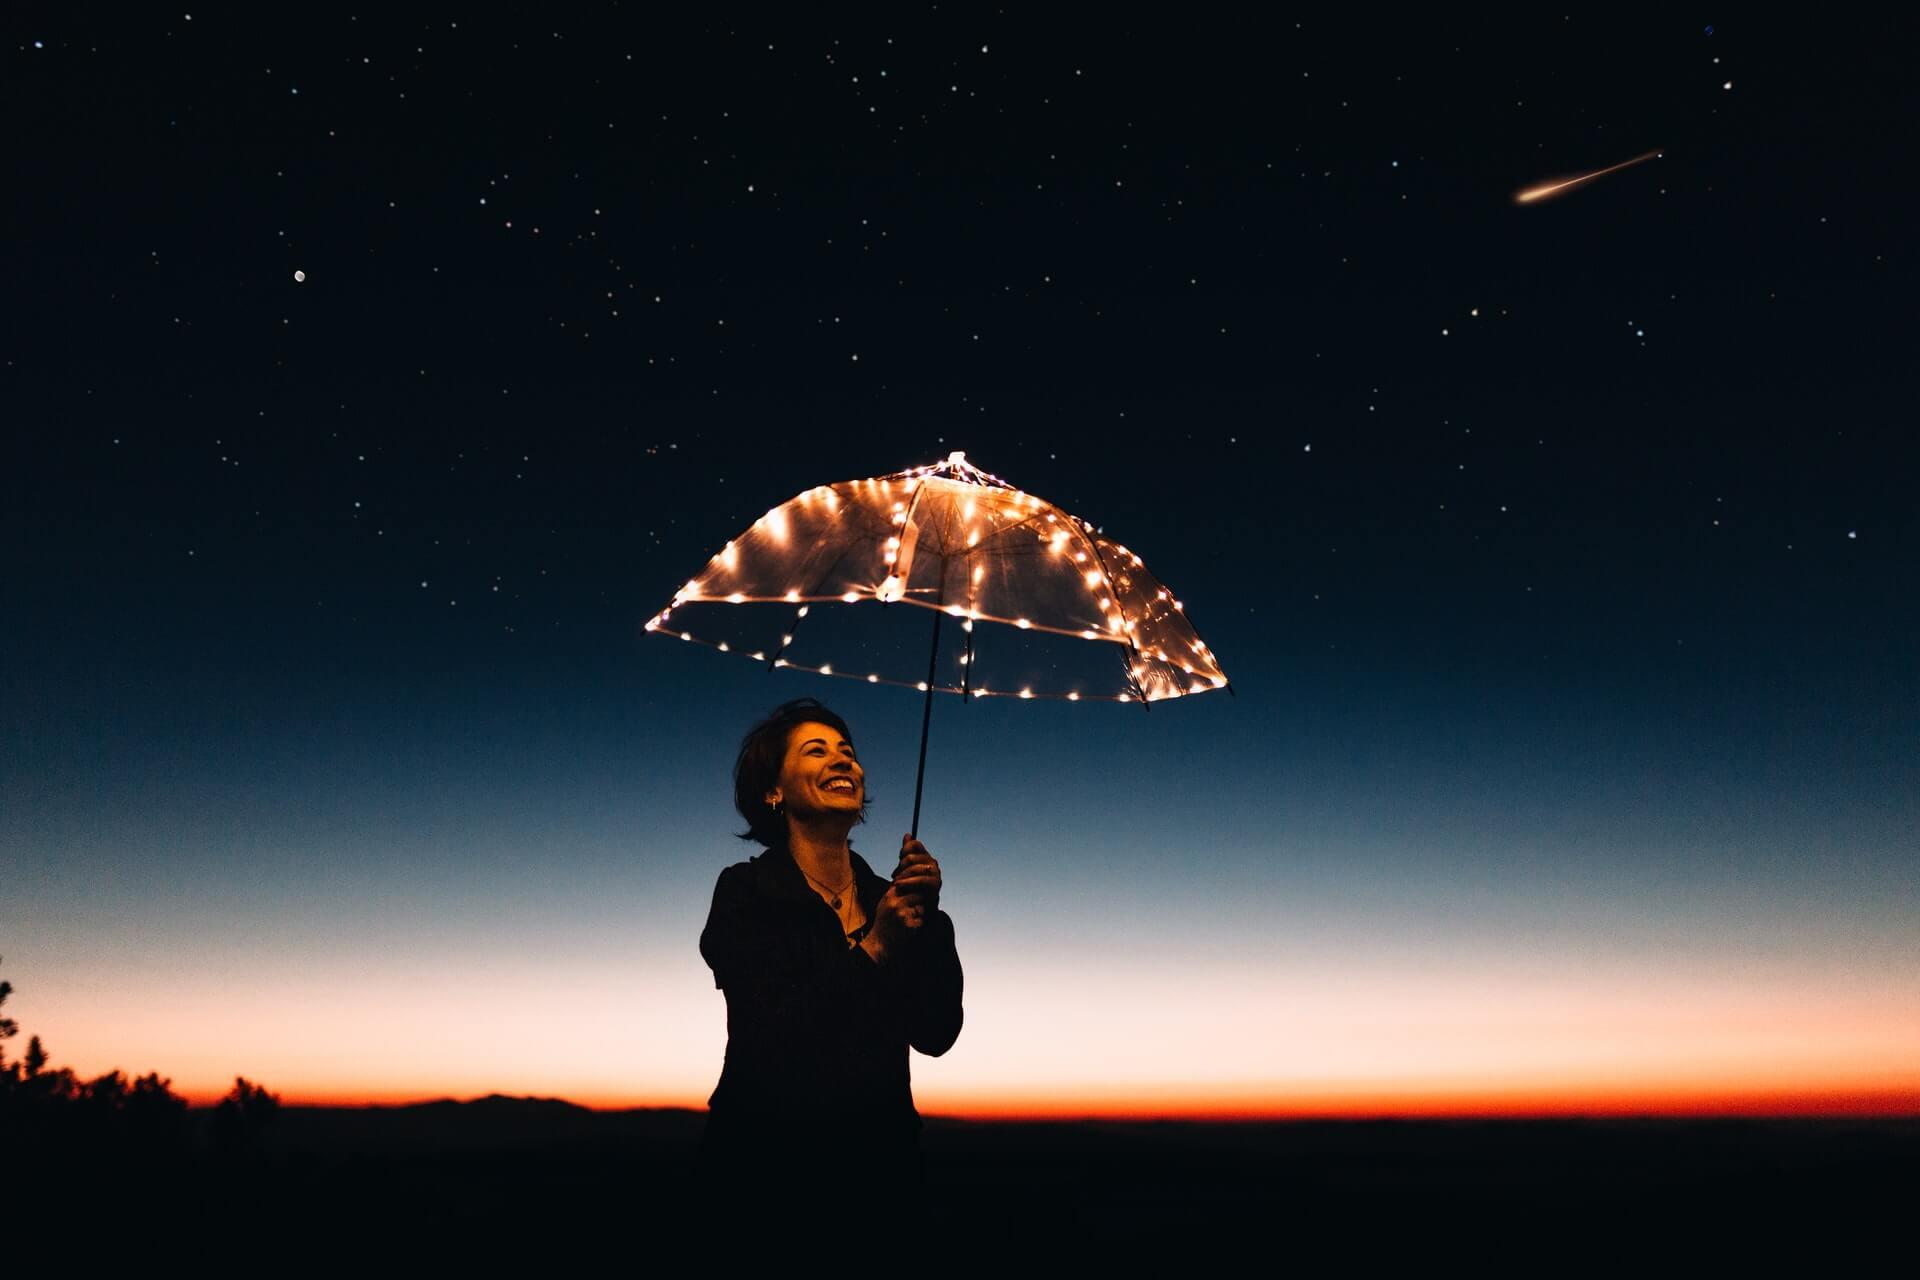 Wie kann ich mein Selbstbewusstsein stärken?